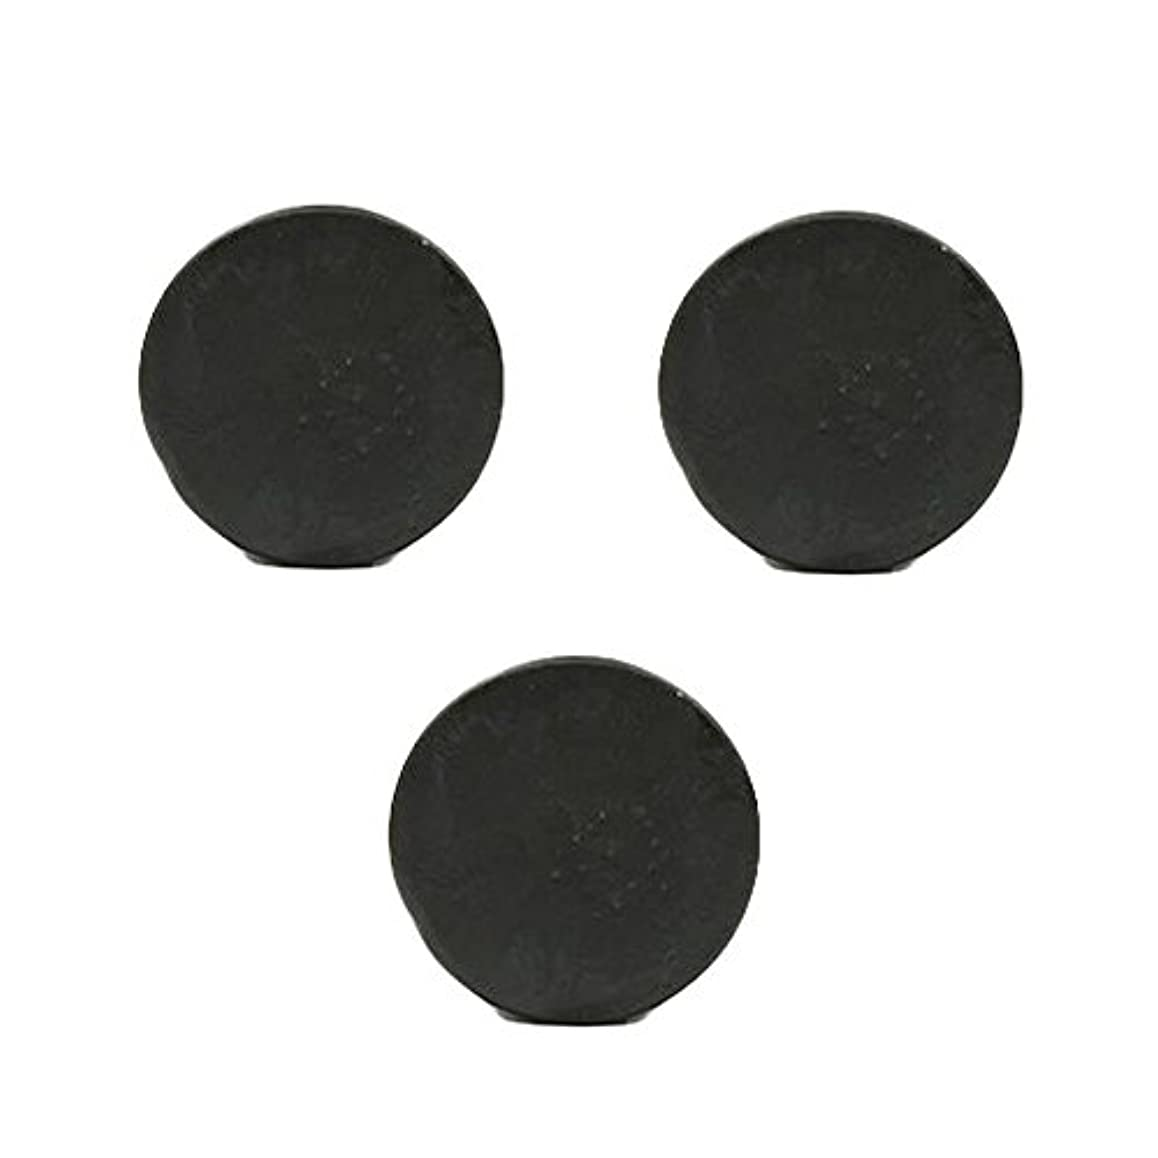 ケント王室のホスト薬用人参クレンジングソープ3個 / Fermented Dark Black Ginseng Cleansing Soap 3pcs[海外直送品] [並行輸入品]